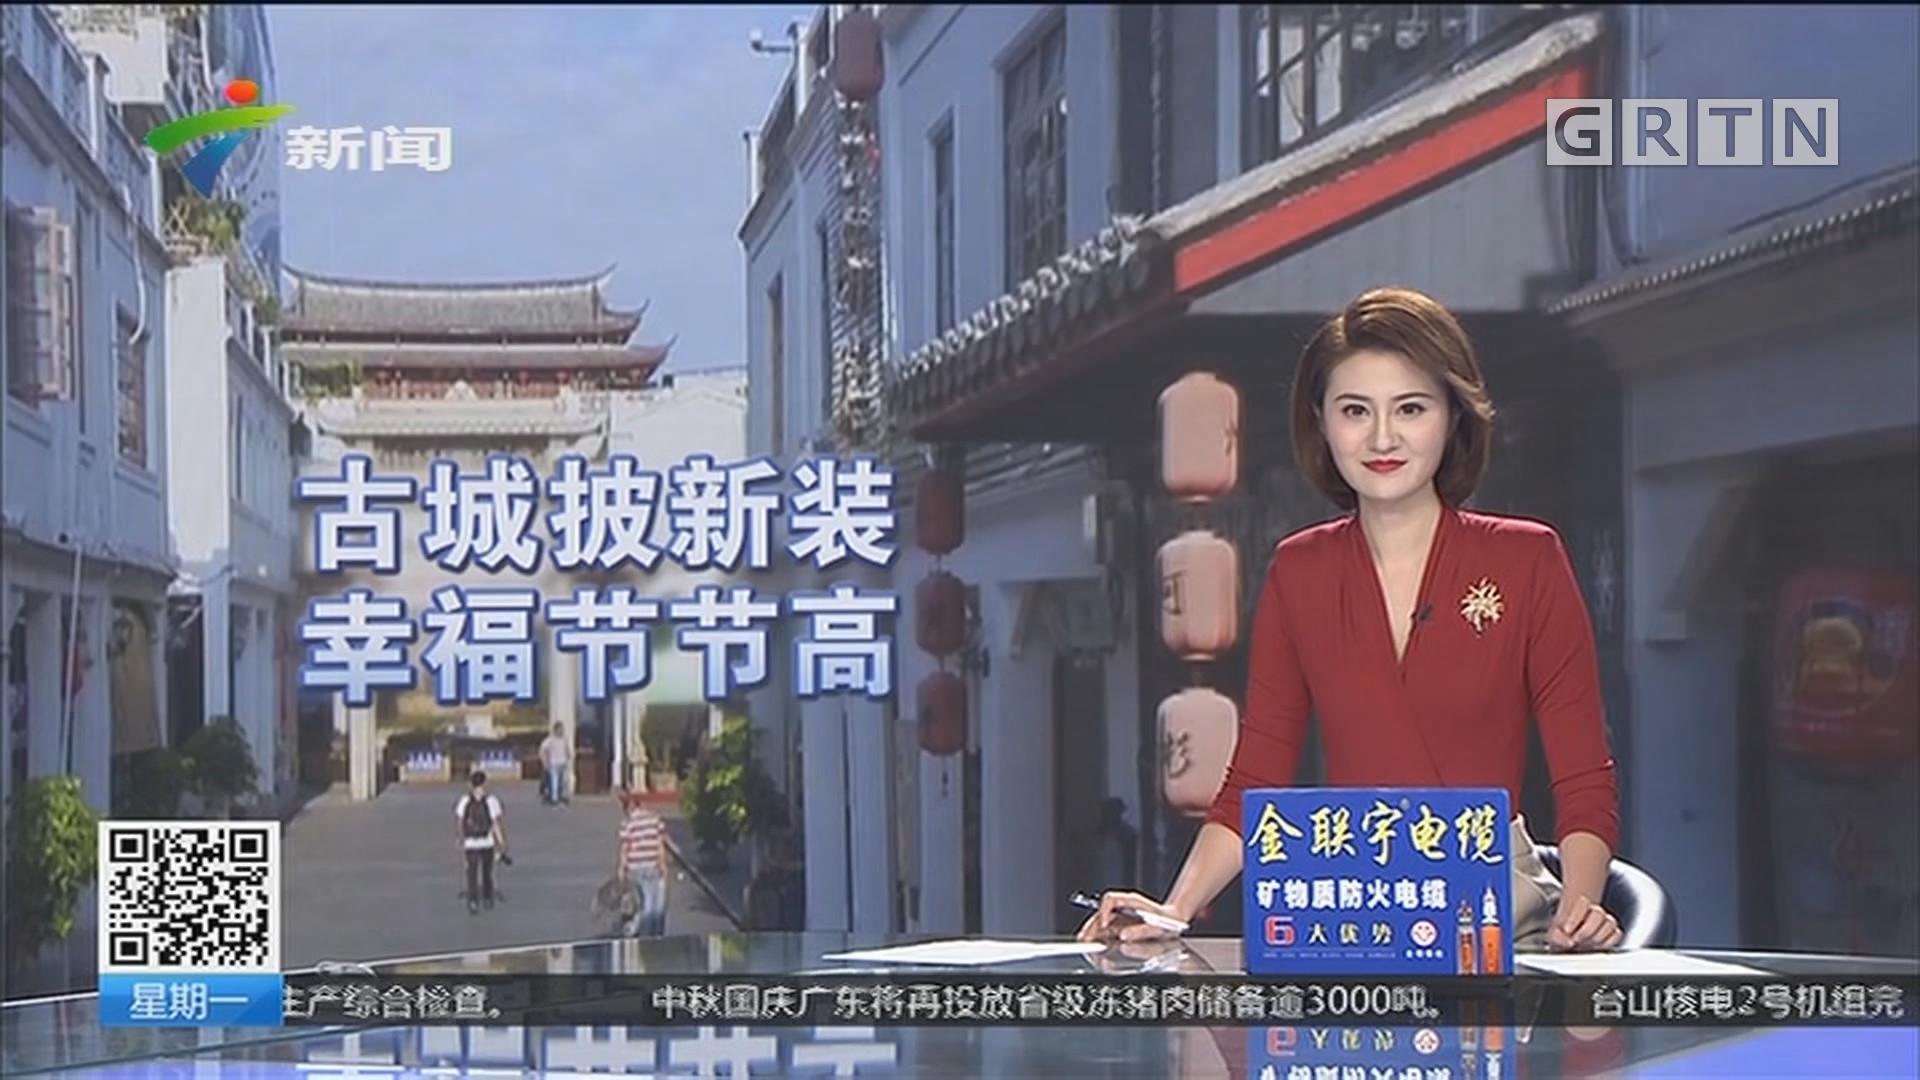 古城披新装 幸福节节高